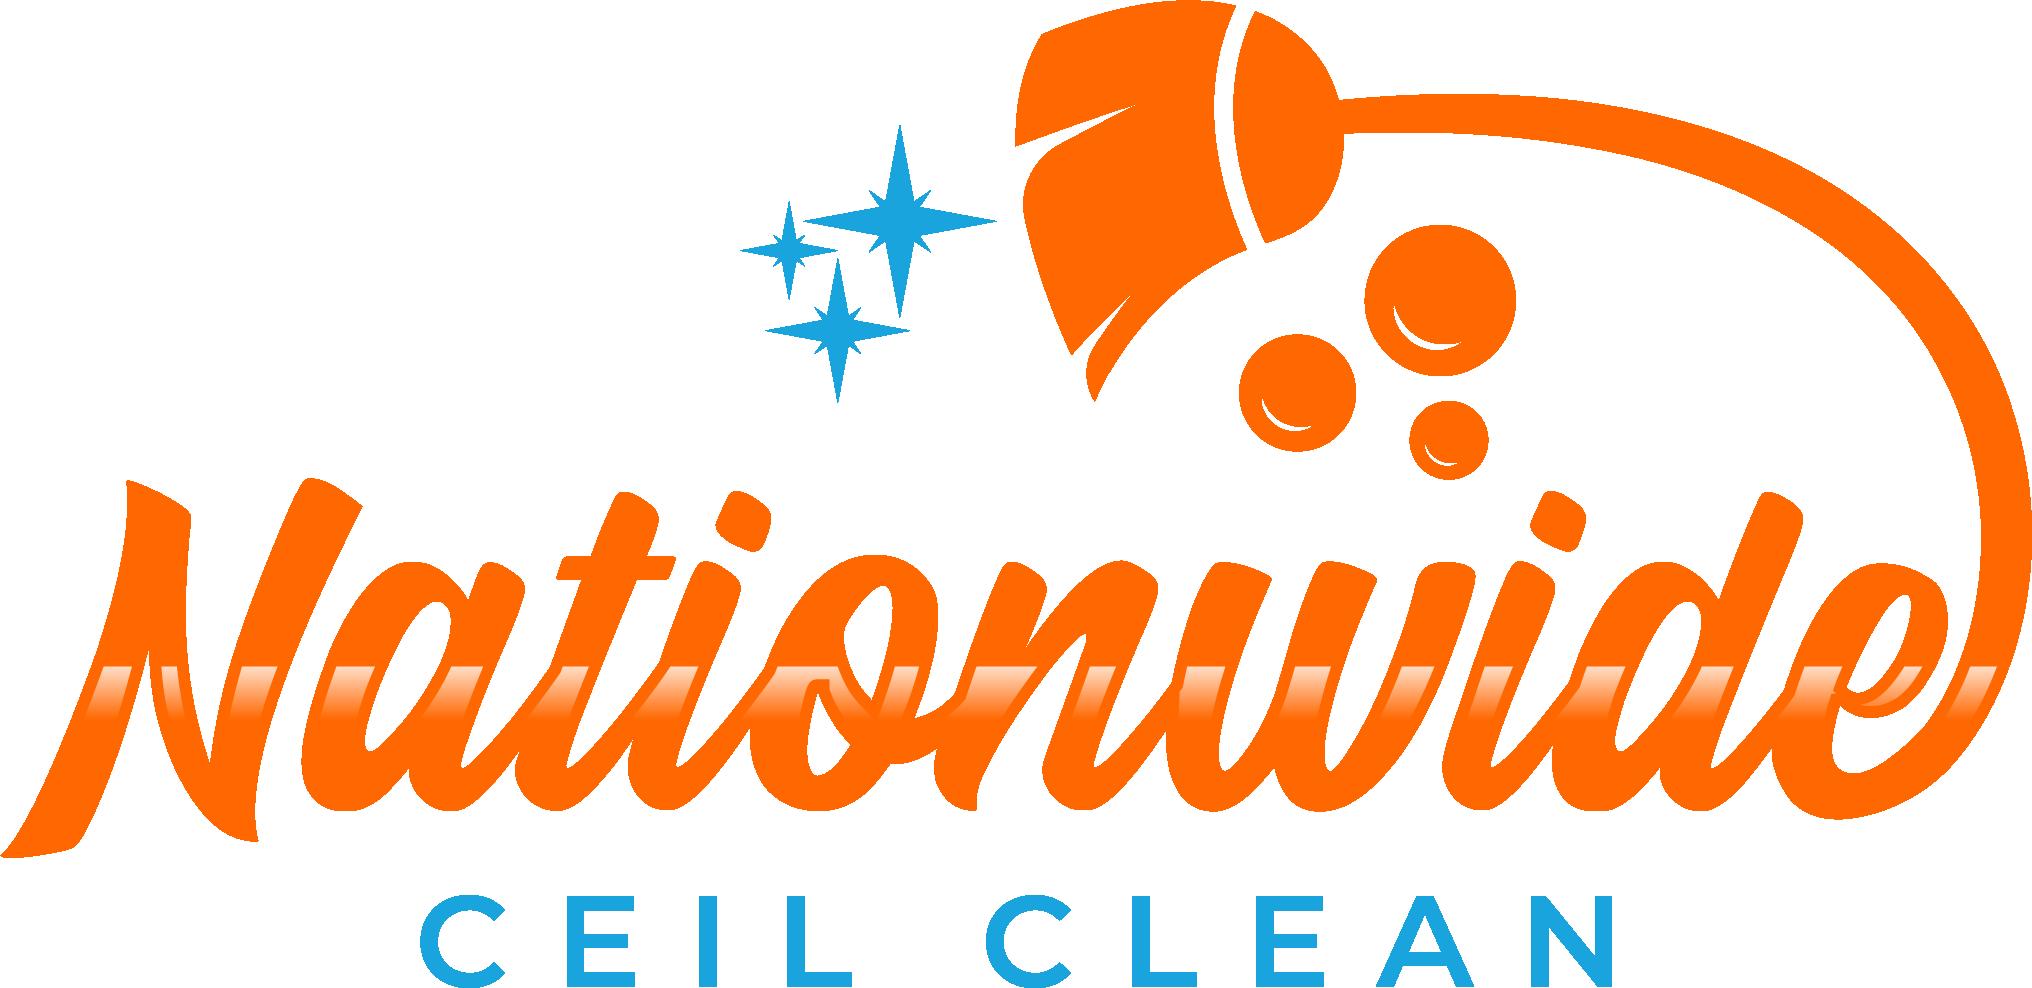 nationwide ceil clean logo